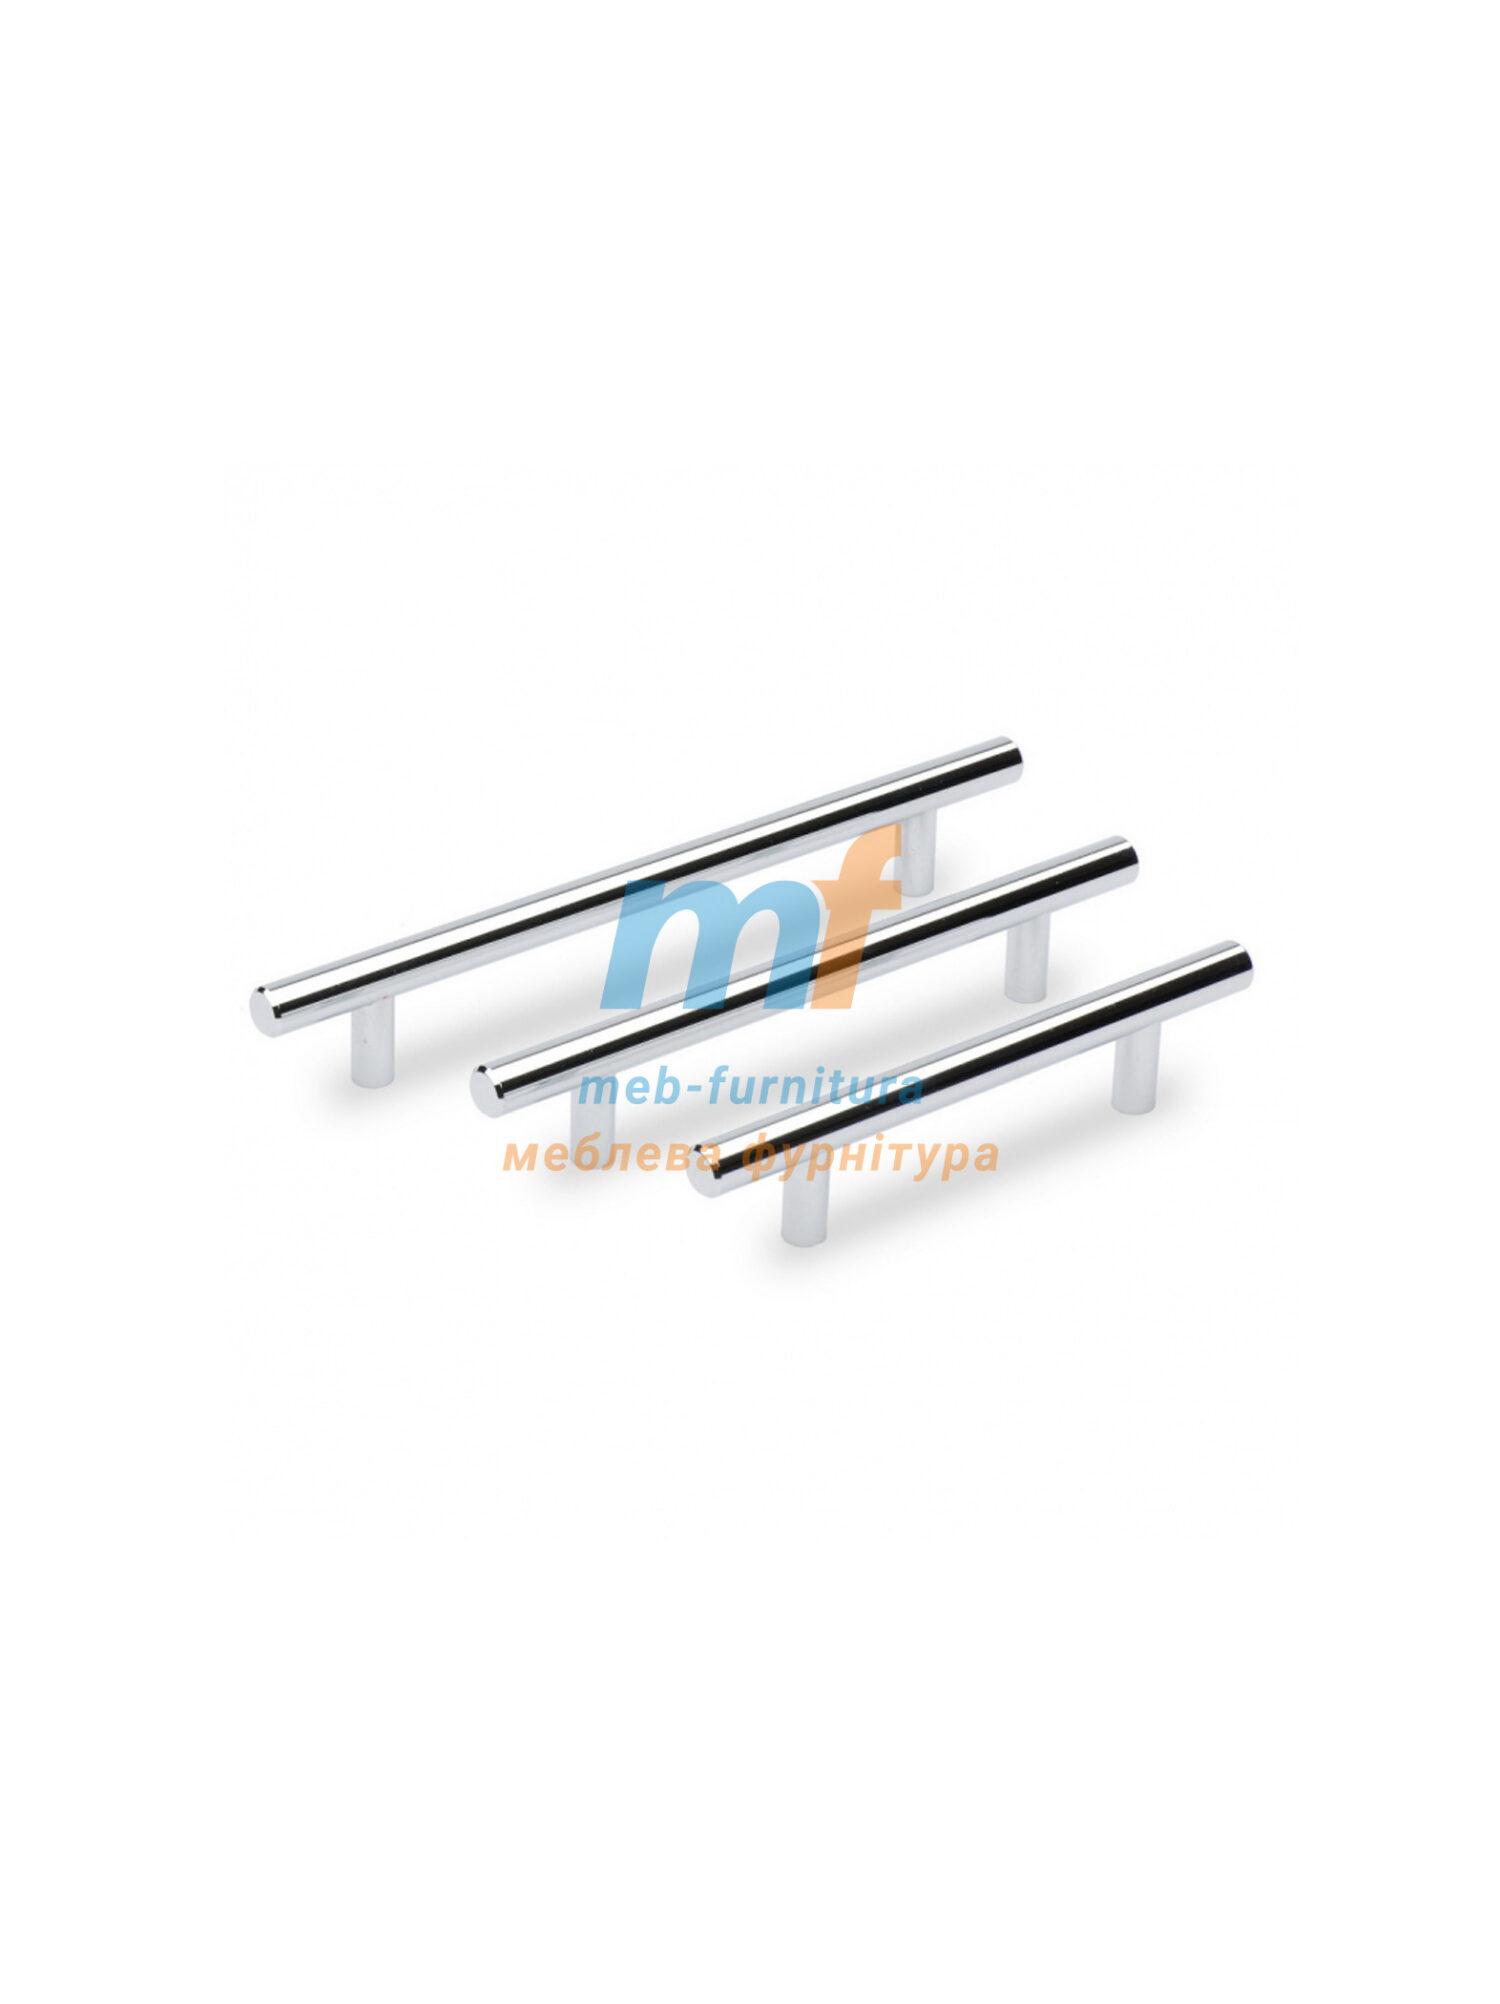 Ручка мебельная релинг 128мм - хром